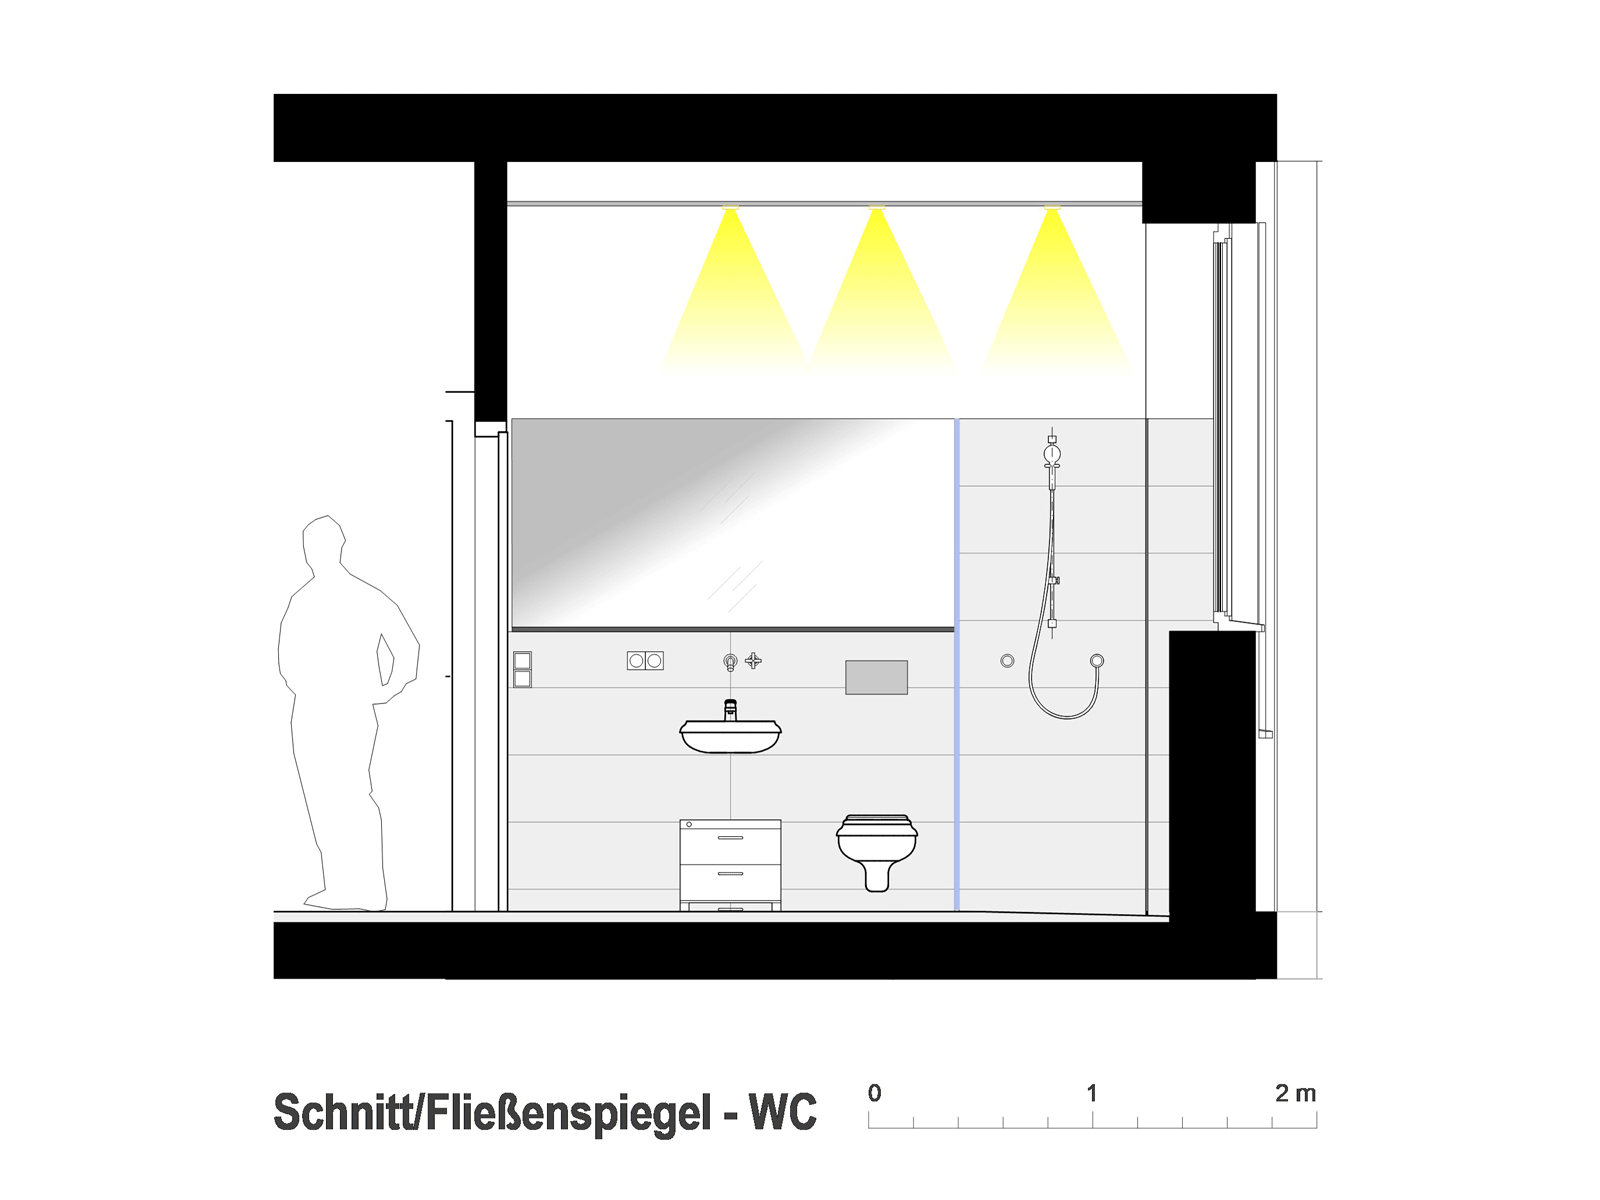 Wohnung Esslingen / WC Fließenspiegel